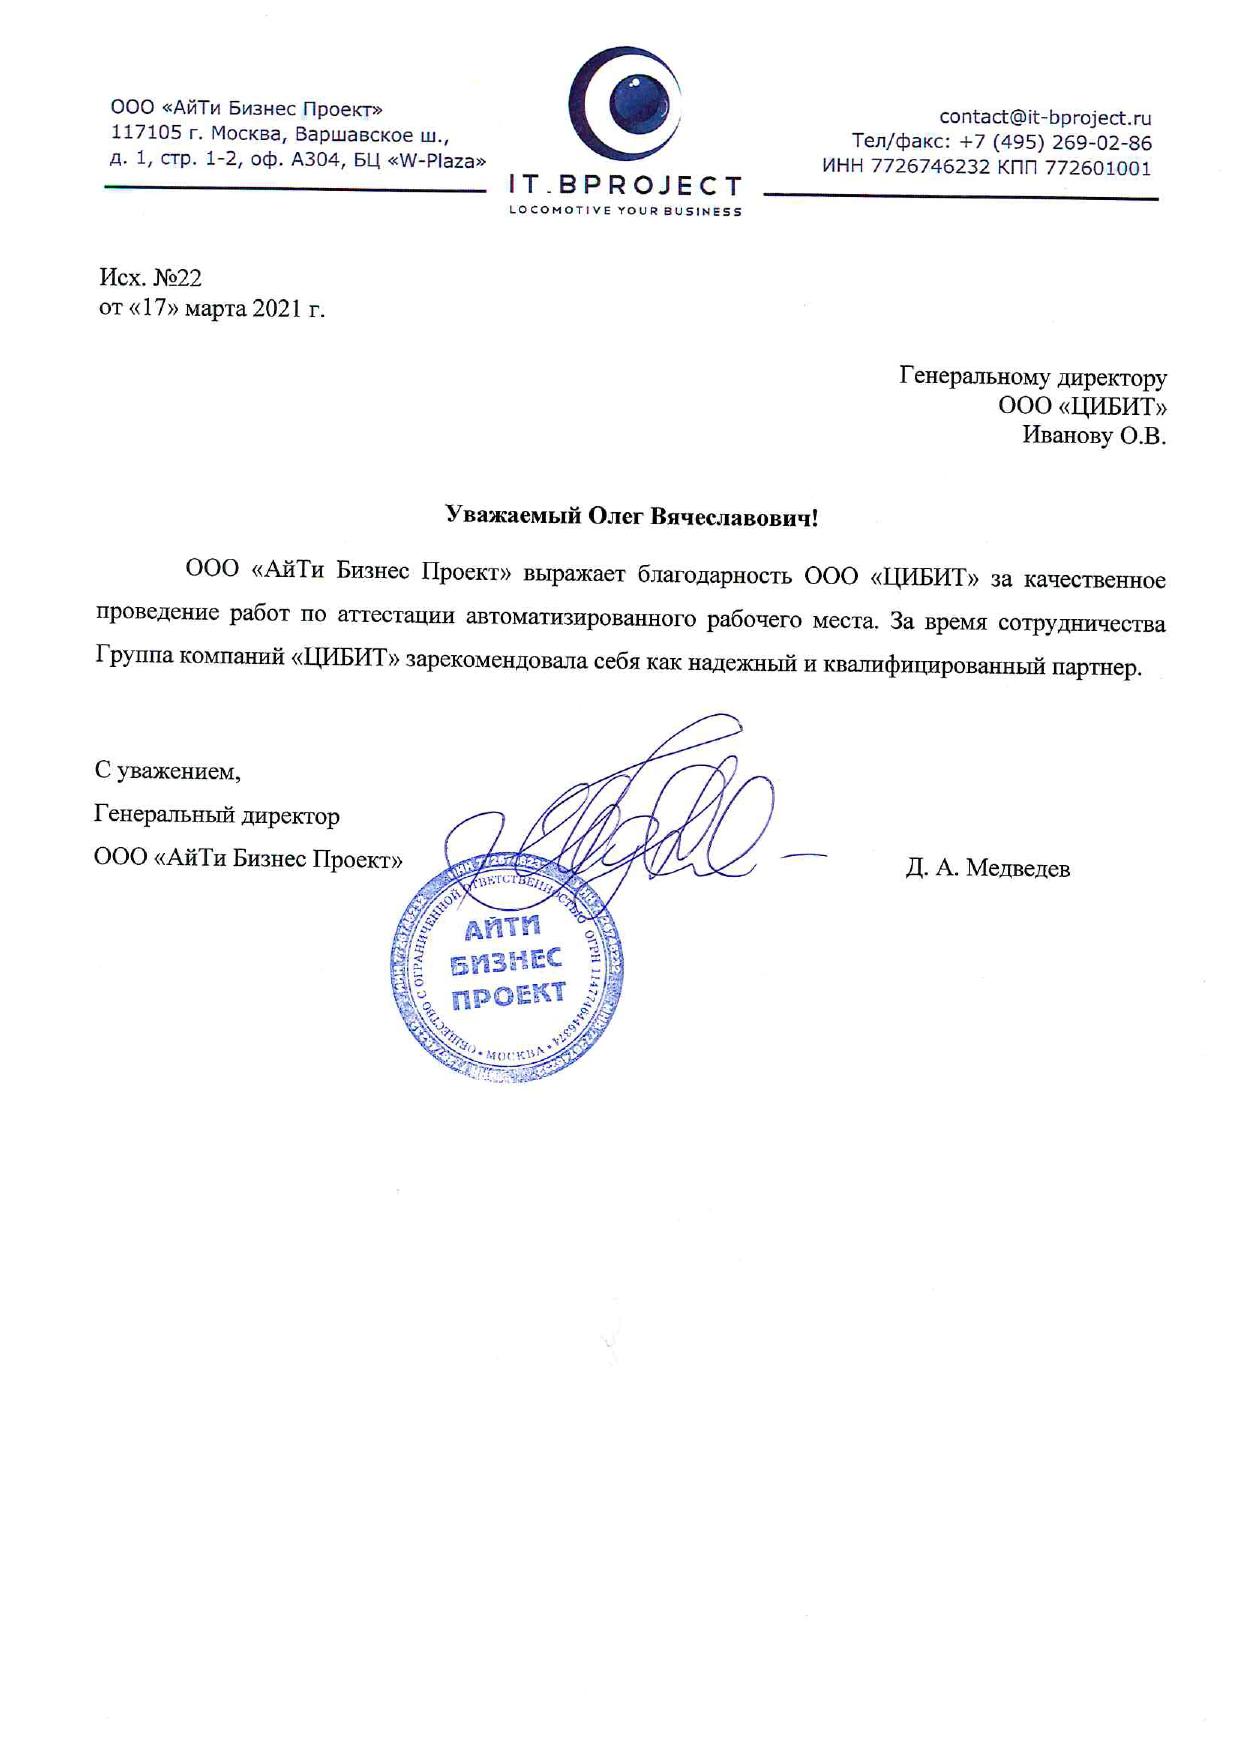 https://www.hr.cibit.ru/stati/podbor-kadrov-v-sfere-informacionnoj-bezopasnosti-i-it-specifika-podvodnye-kamni-problemy-i-resheniya/